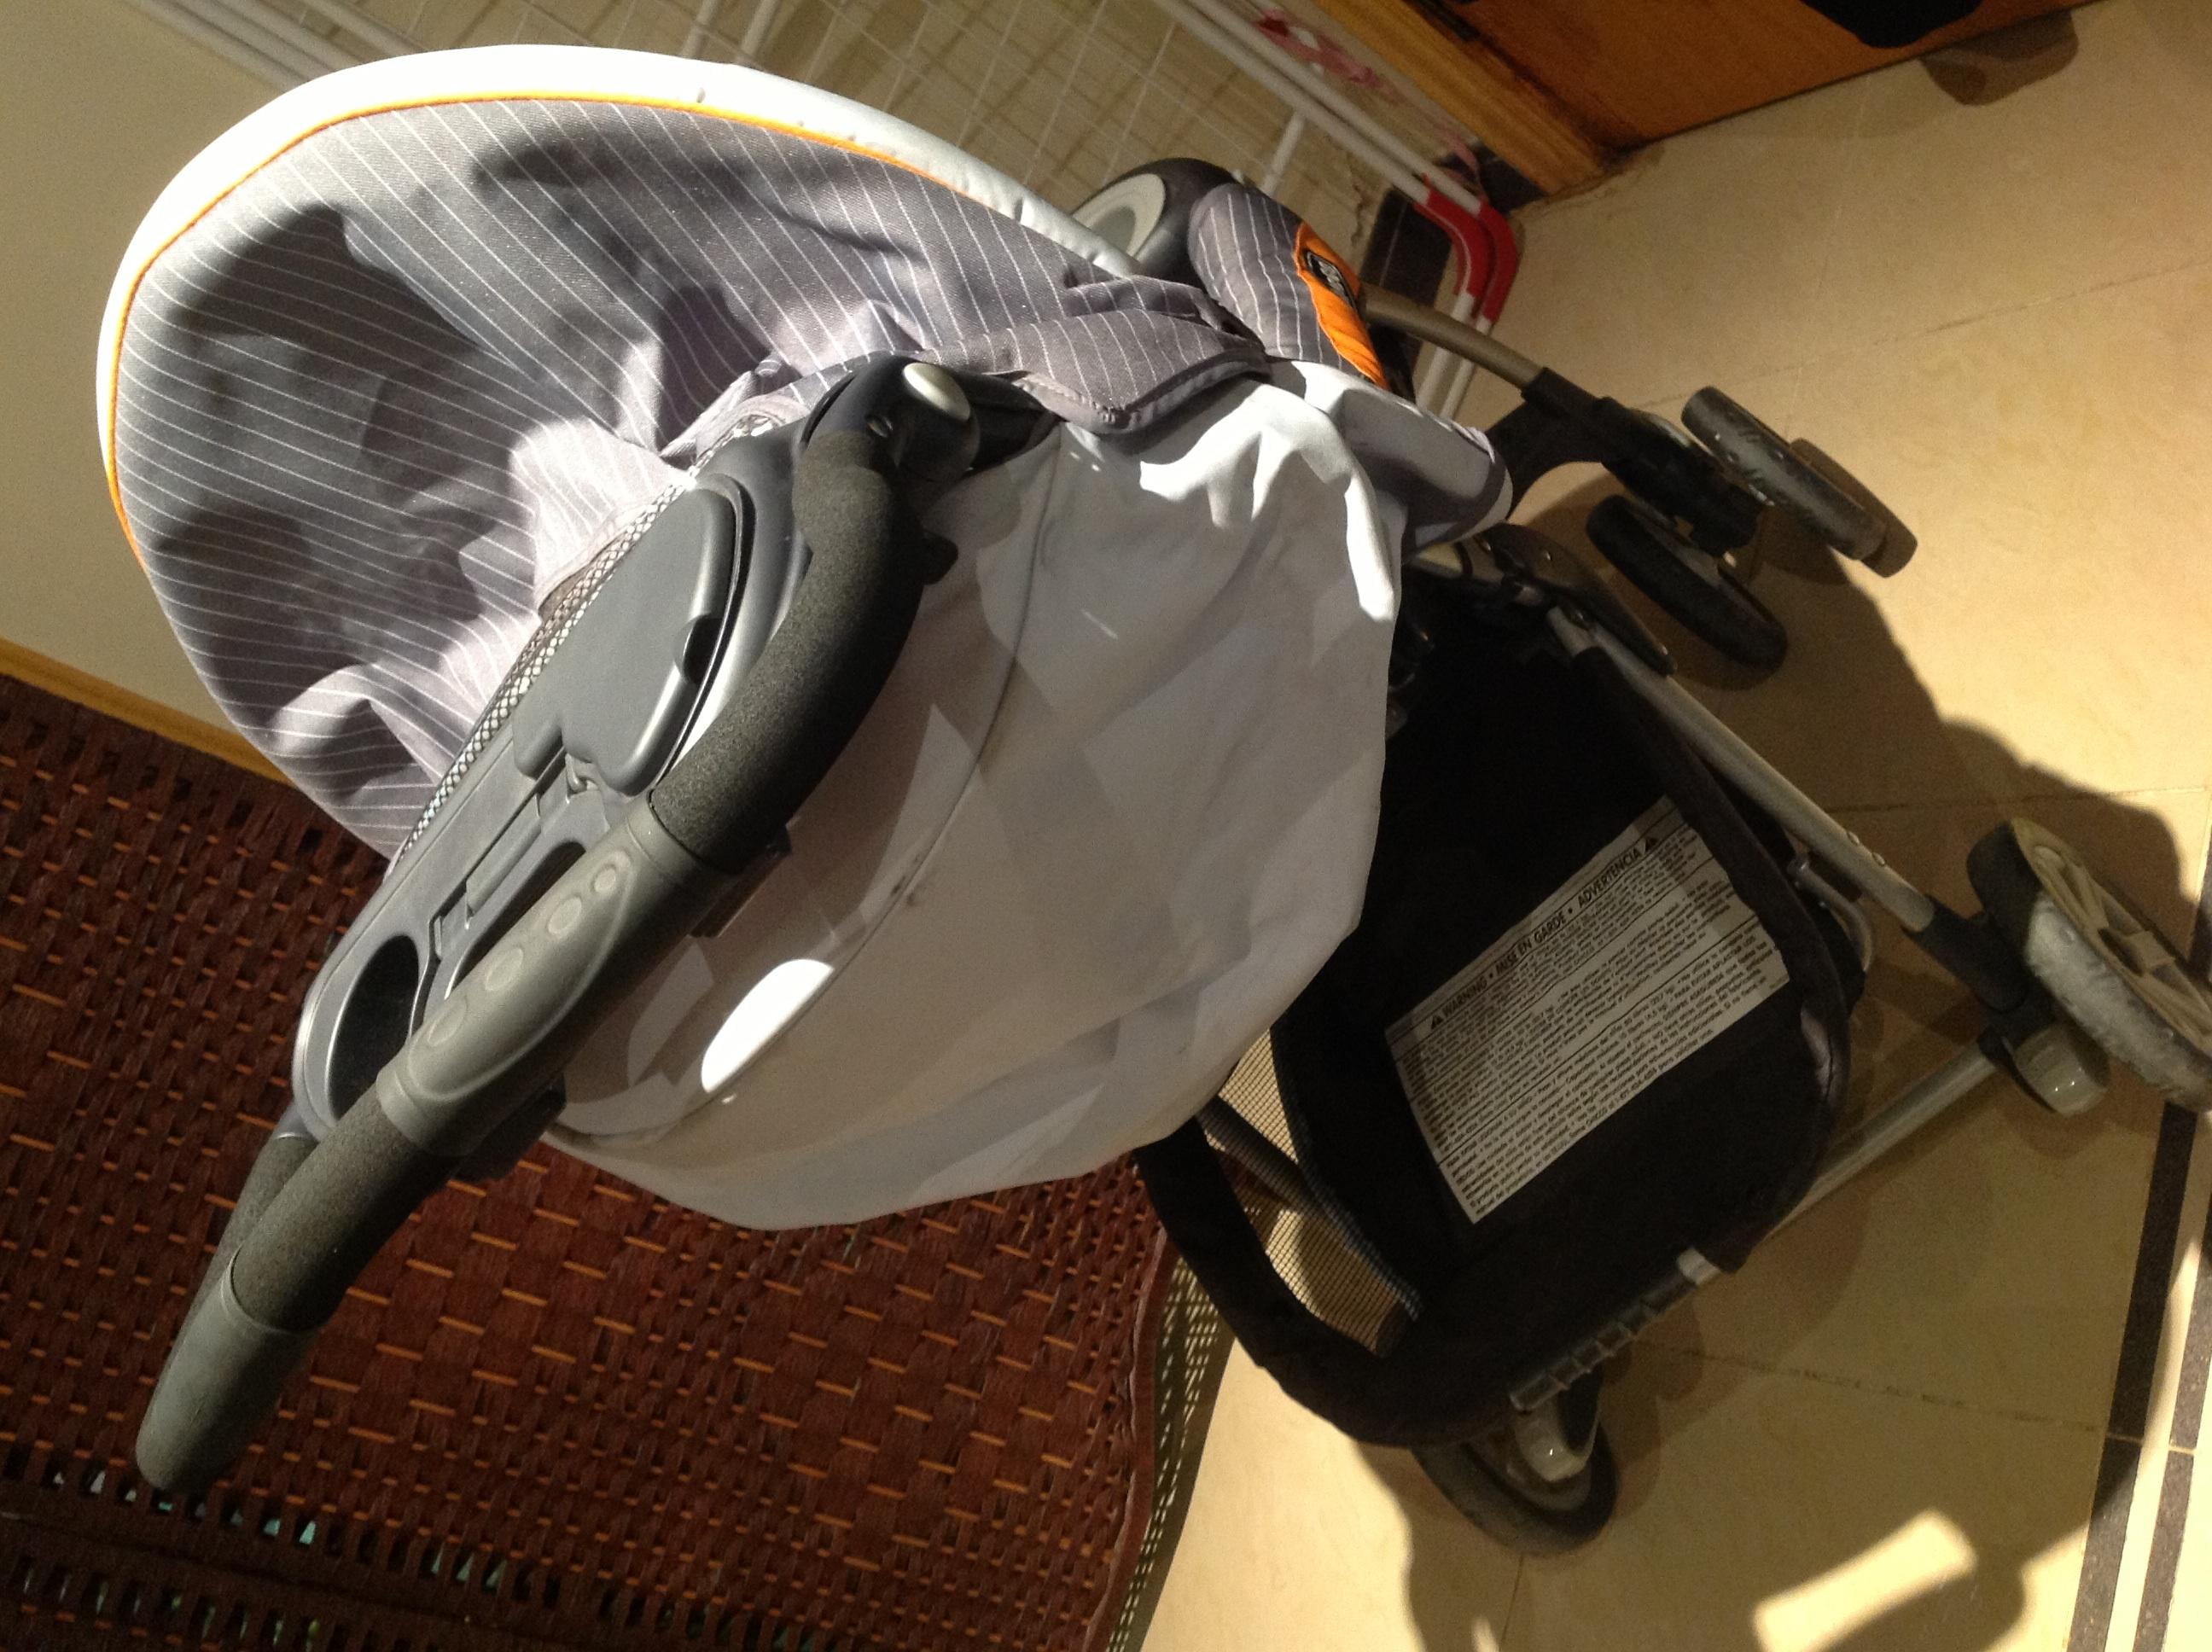 للبيع عربية و كرسي سياره طقم ماركة شيكو اخت الجديده 1504_21367793495.jpg